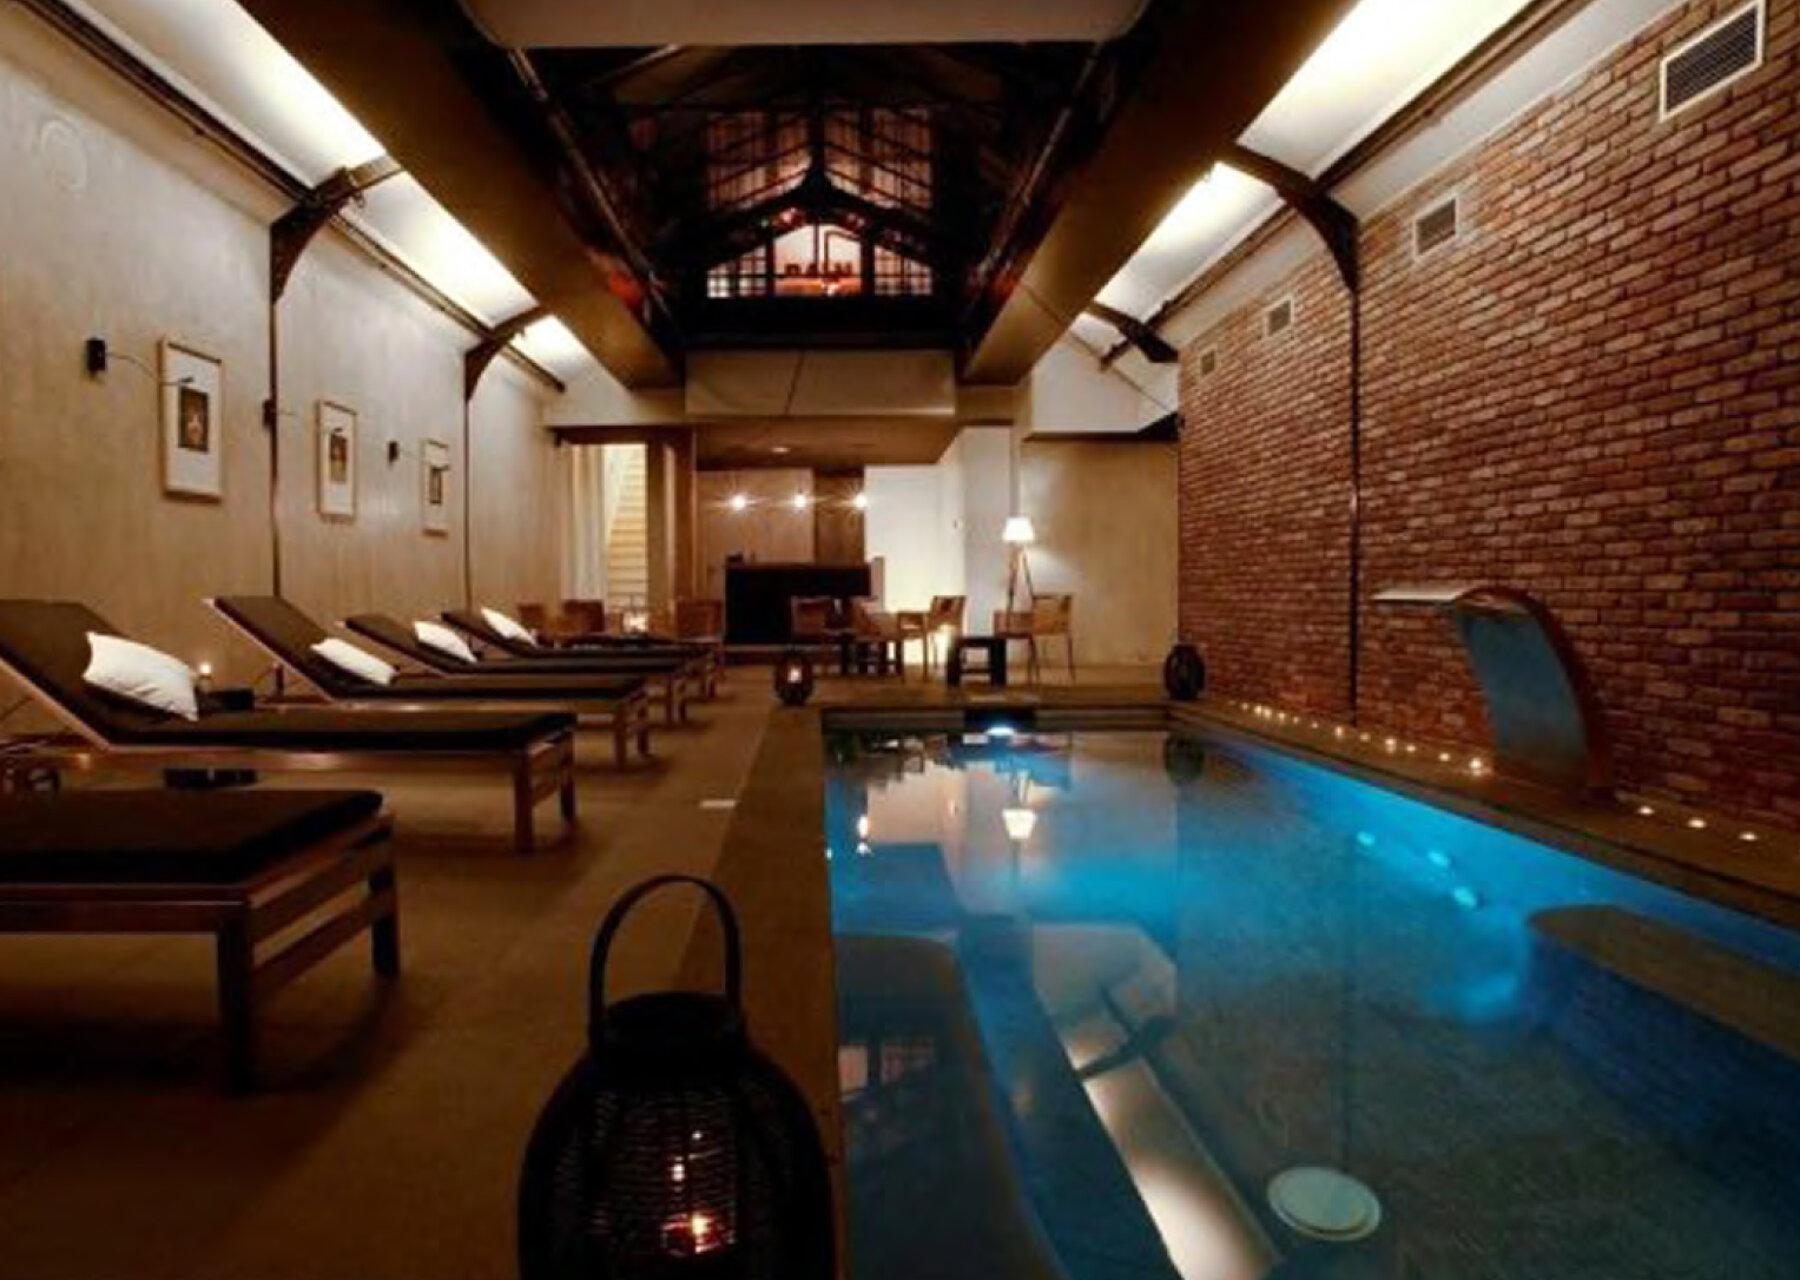 Rénovation - Equipement de loisirs par un architecte Archidvisor